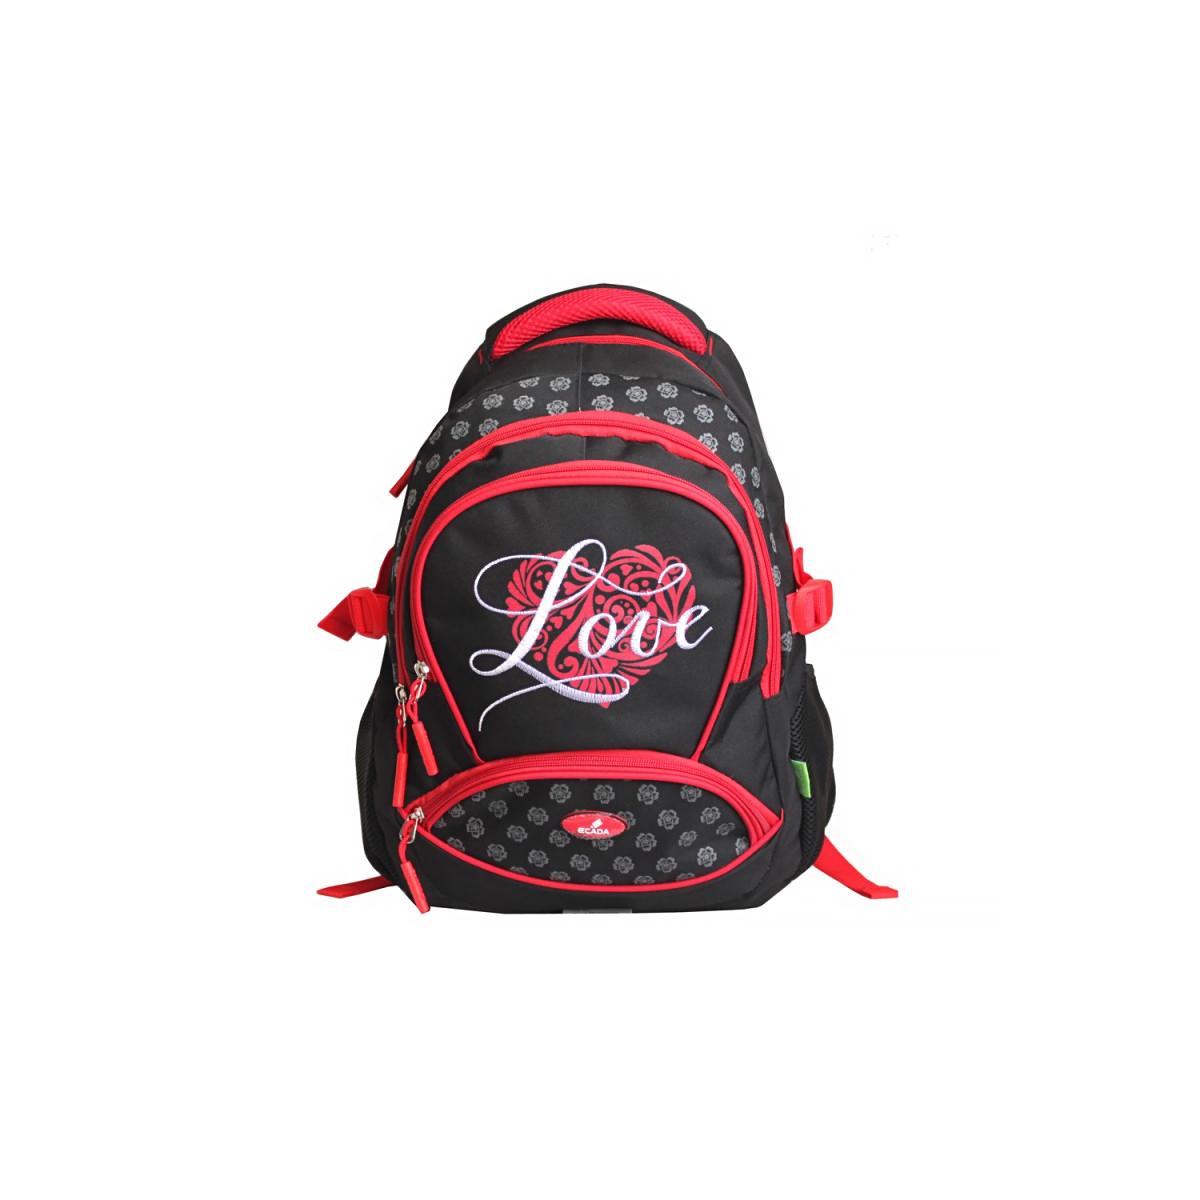 Ghiozdan Școlar Pentru Adolescenți, 46 Centimetri, Negru & Roșu, Love, Daco, 61712